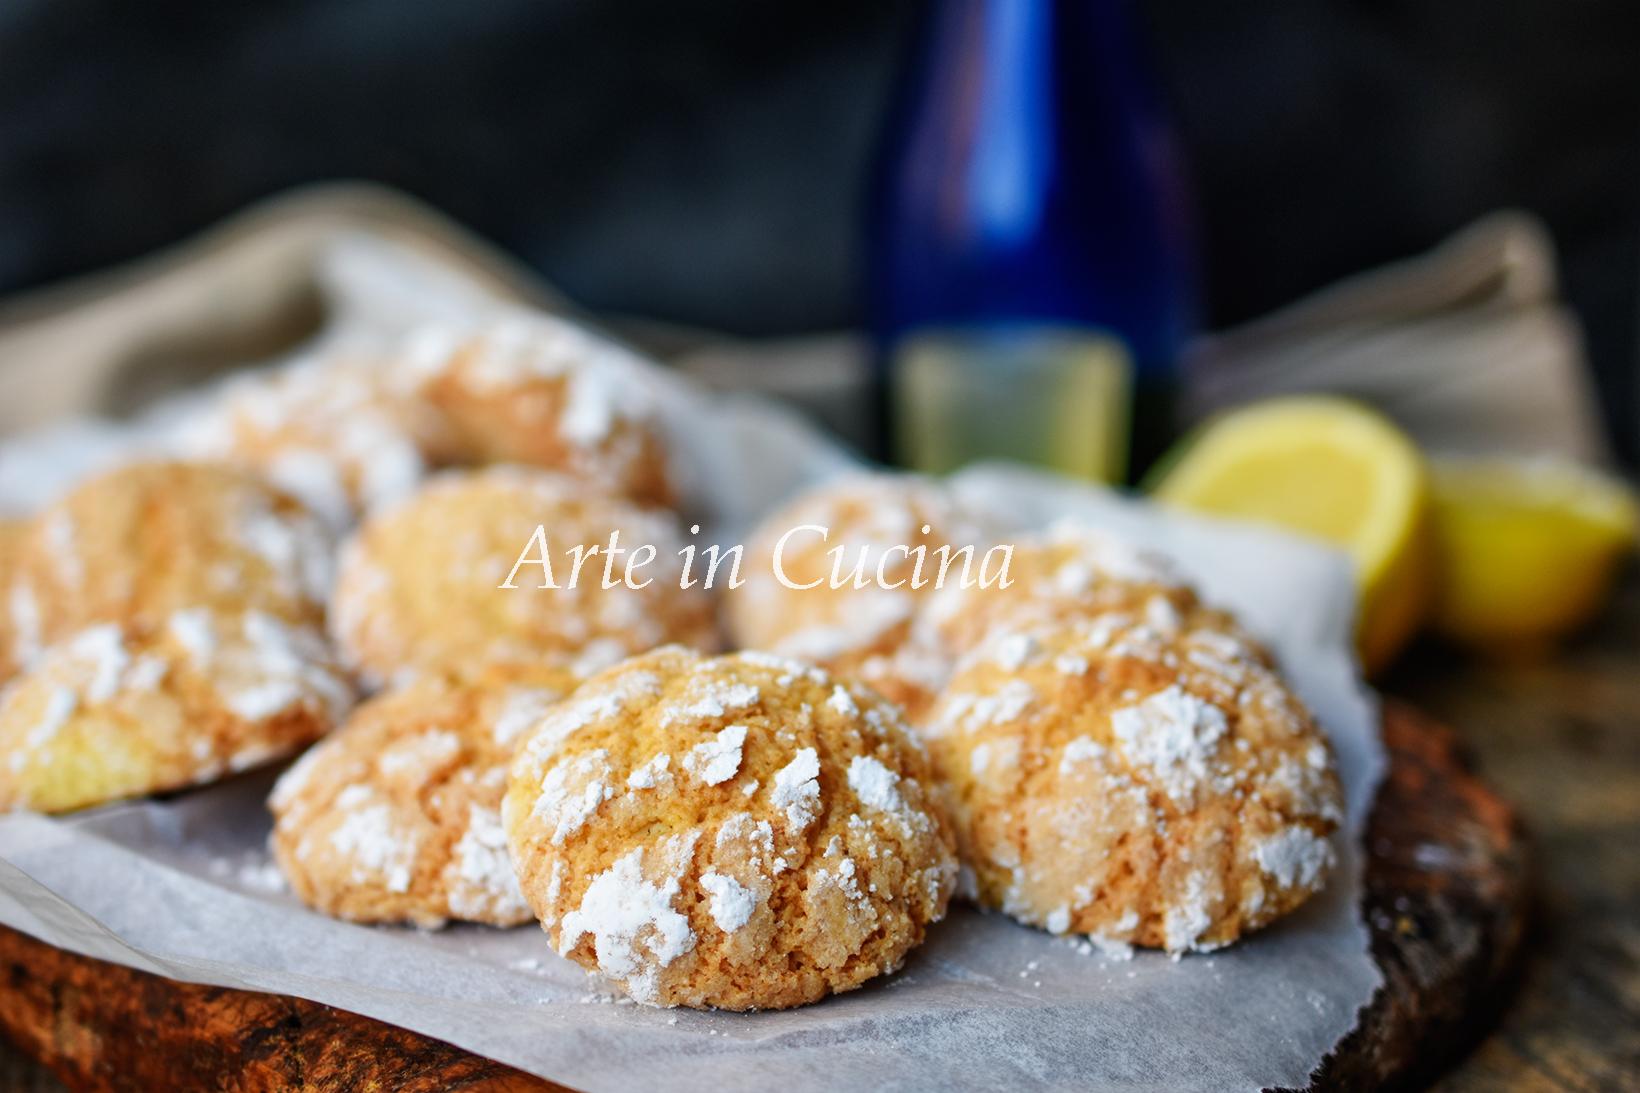 Pasticcini al limoncello dolcetti veloci biscotti morbidi vickyart arte in cucina